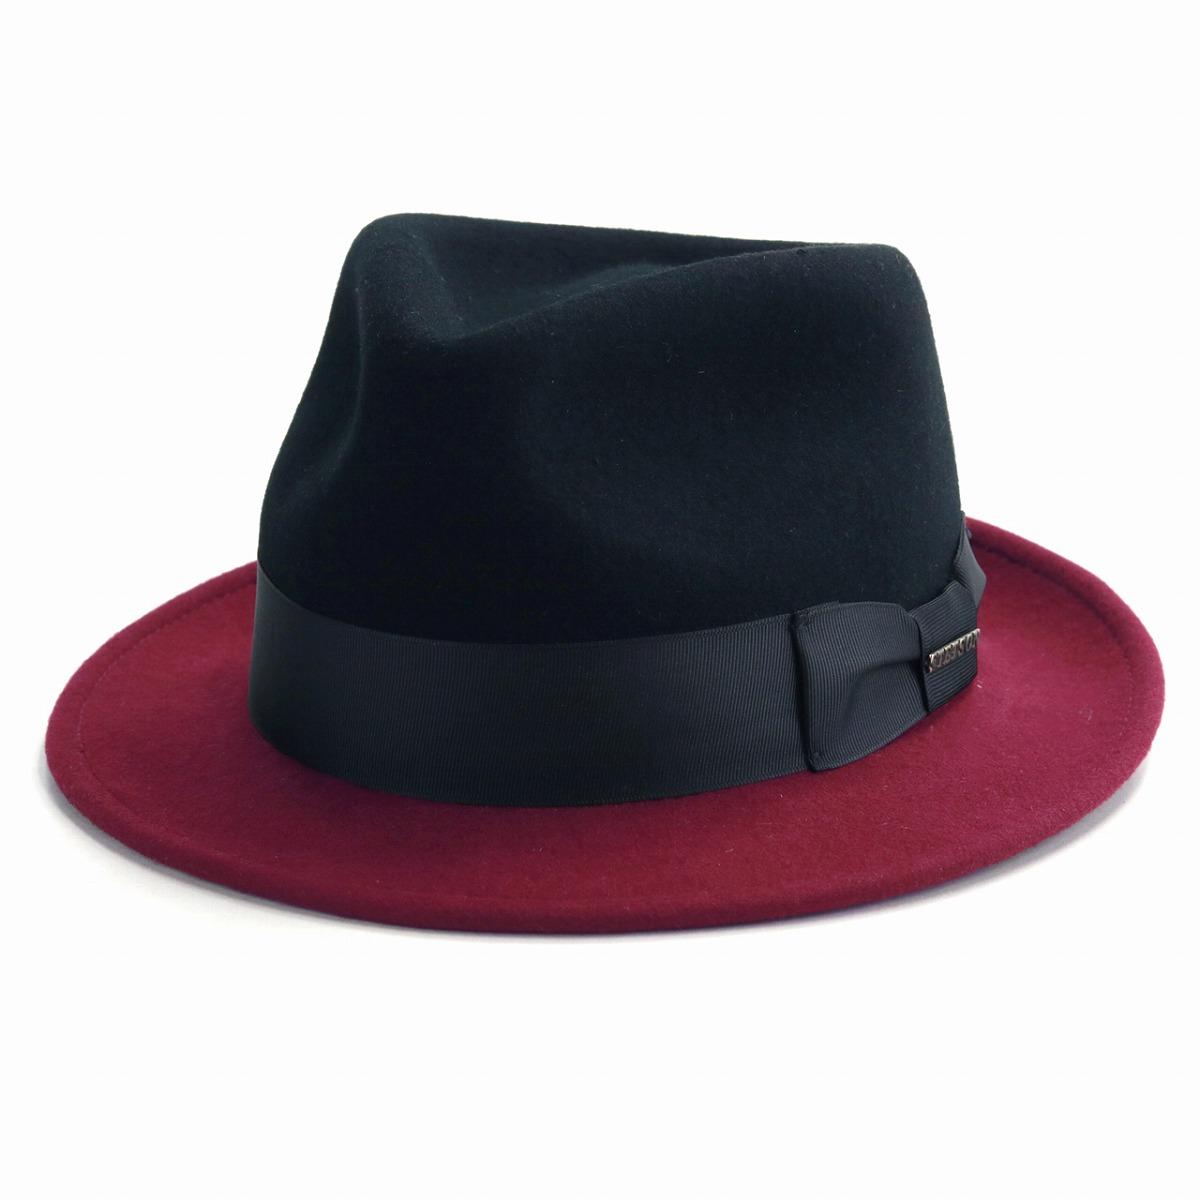 中折れハット ハット 帽子 メンズ 2トーンカラー STETSON インポート ハット 秋冬 フェルトハット メンズ ウール ステットソン ブラック / バーガンディ [ fedora ] stetson 帽子通販 男性 帽子 プレゼント